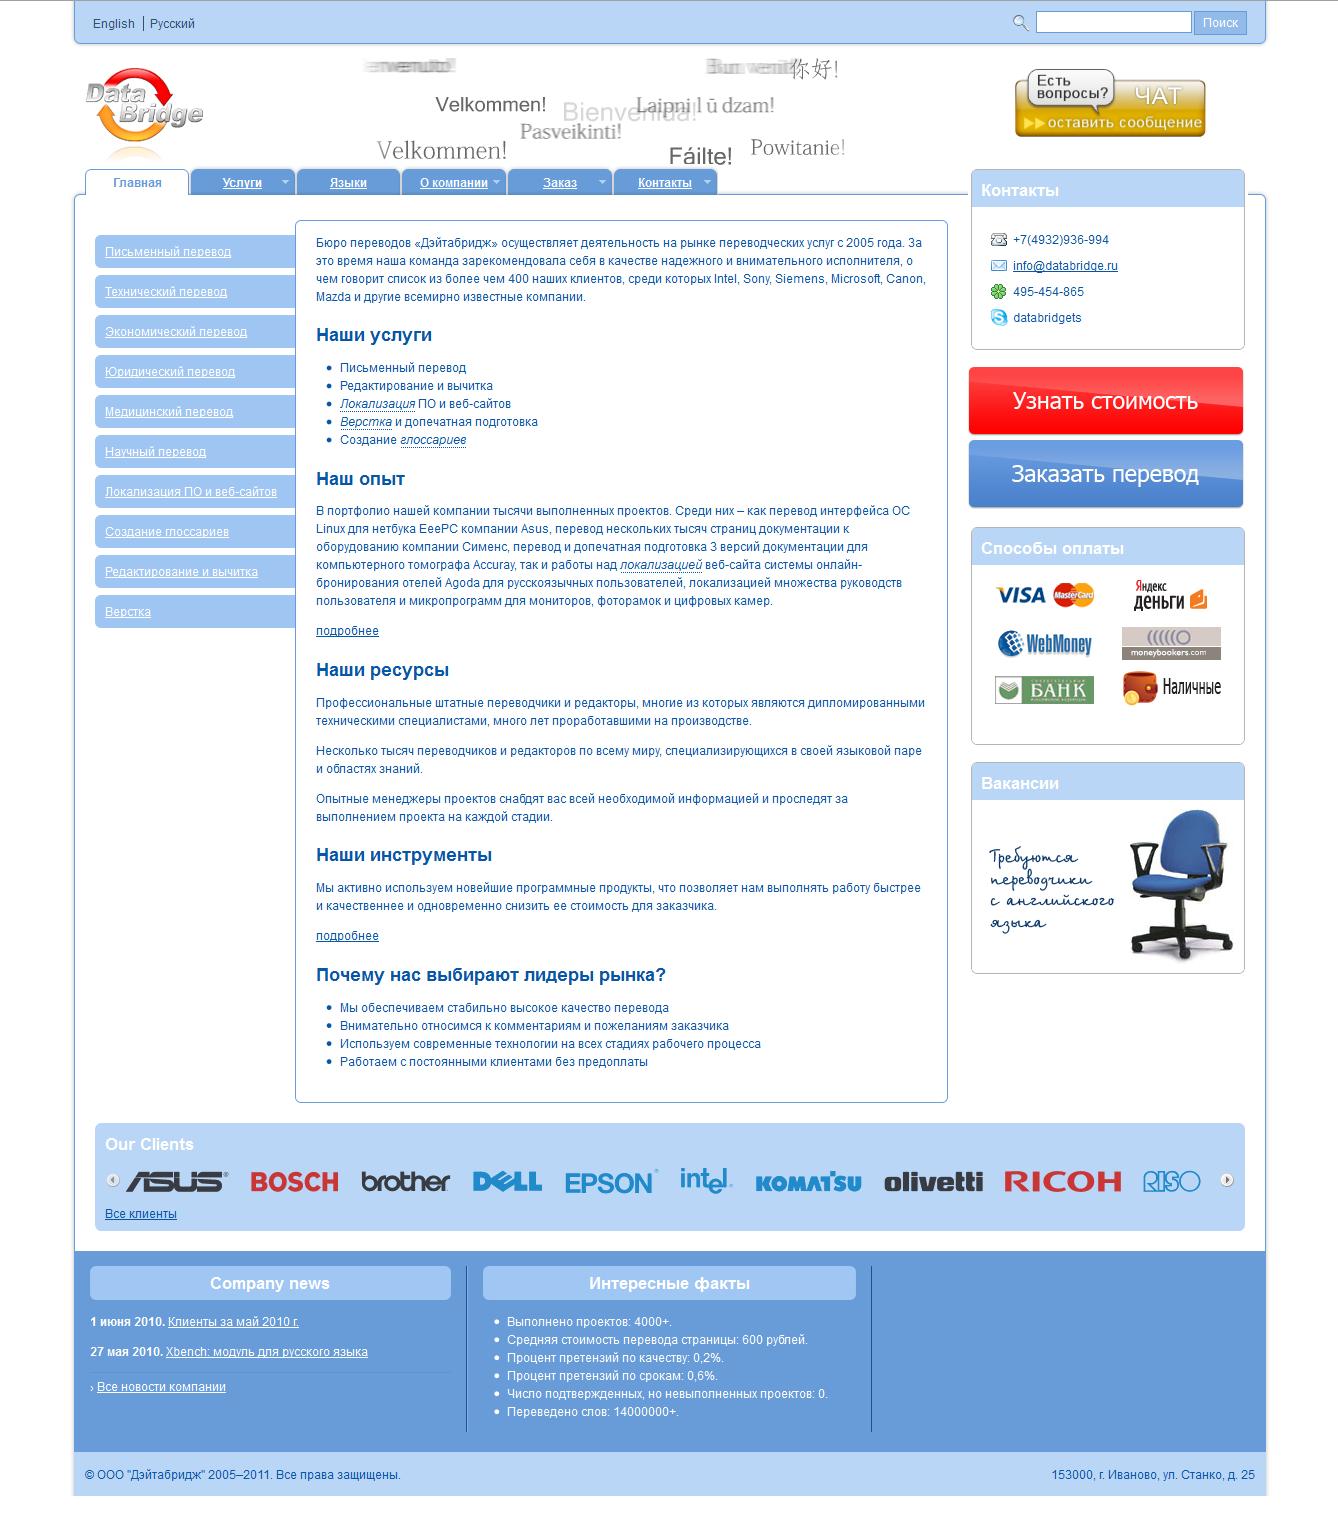 Бюро переводов Databridge